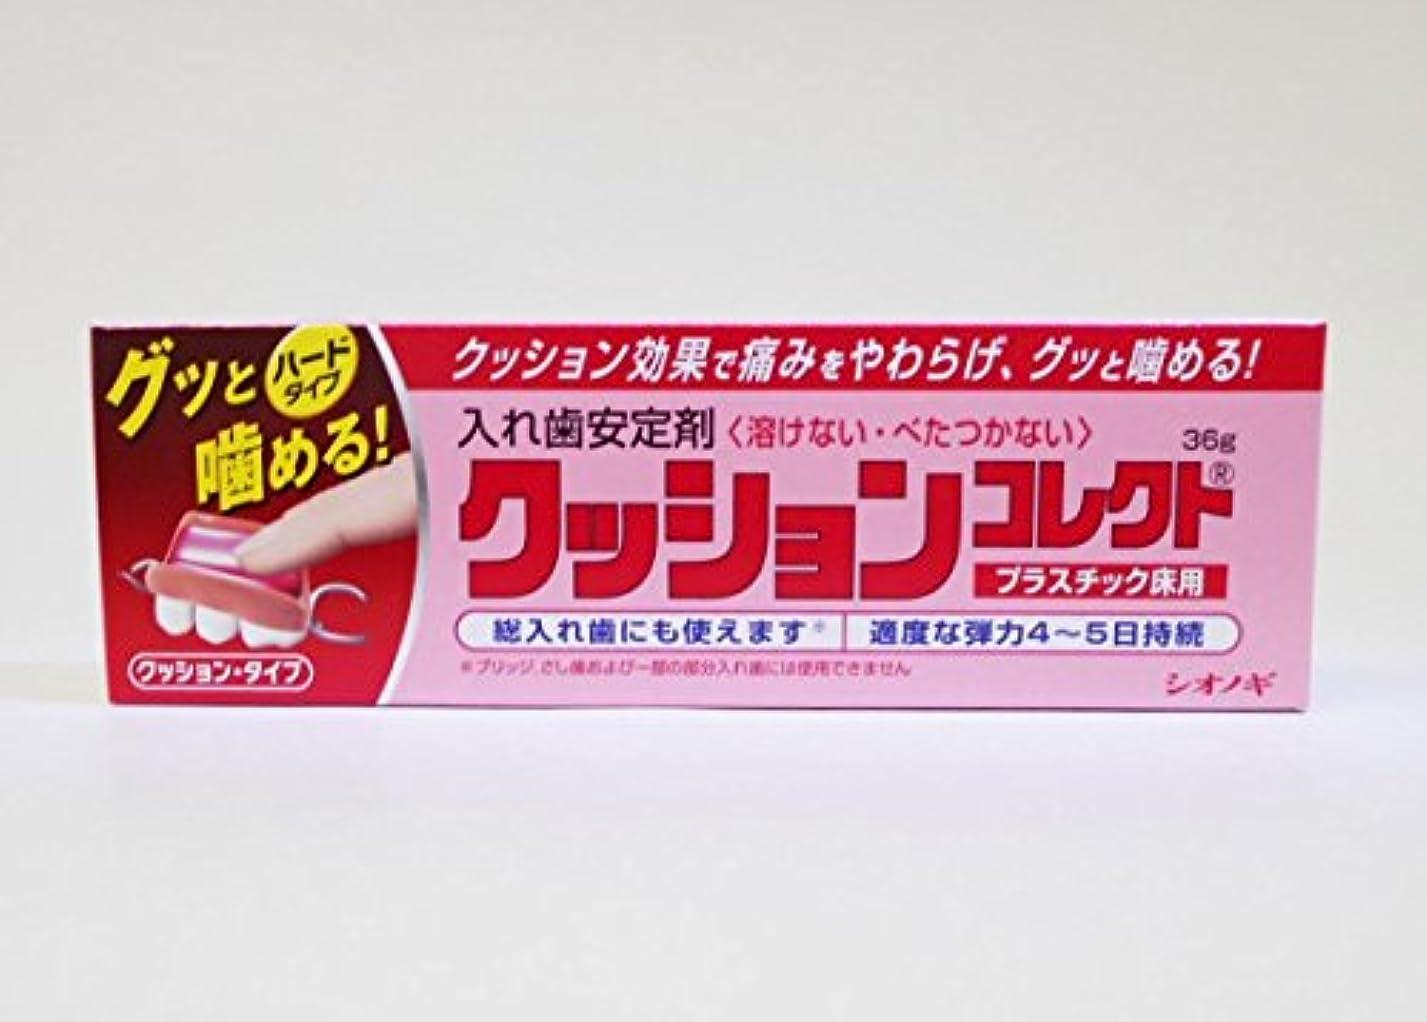 バッチサスペンションかどうか【シオノギ製薬】クッションコレクト 36g ×5個セット